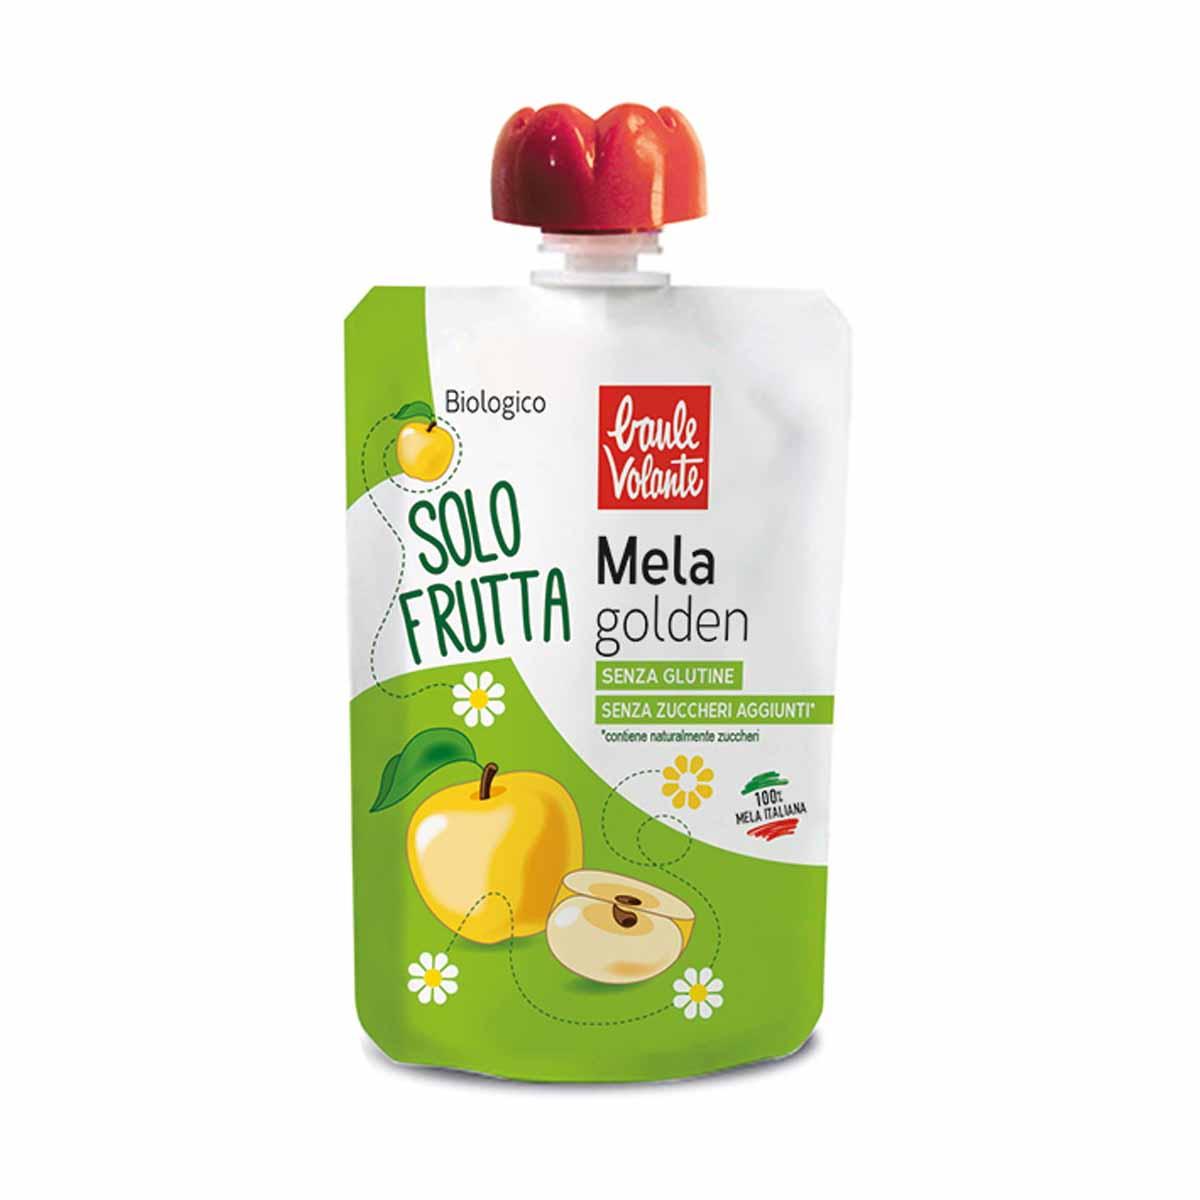 Baule Volante Solo frutta Mela Golden